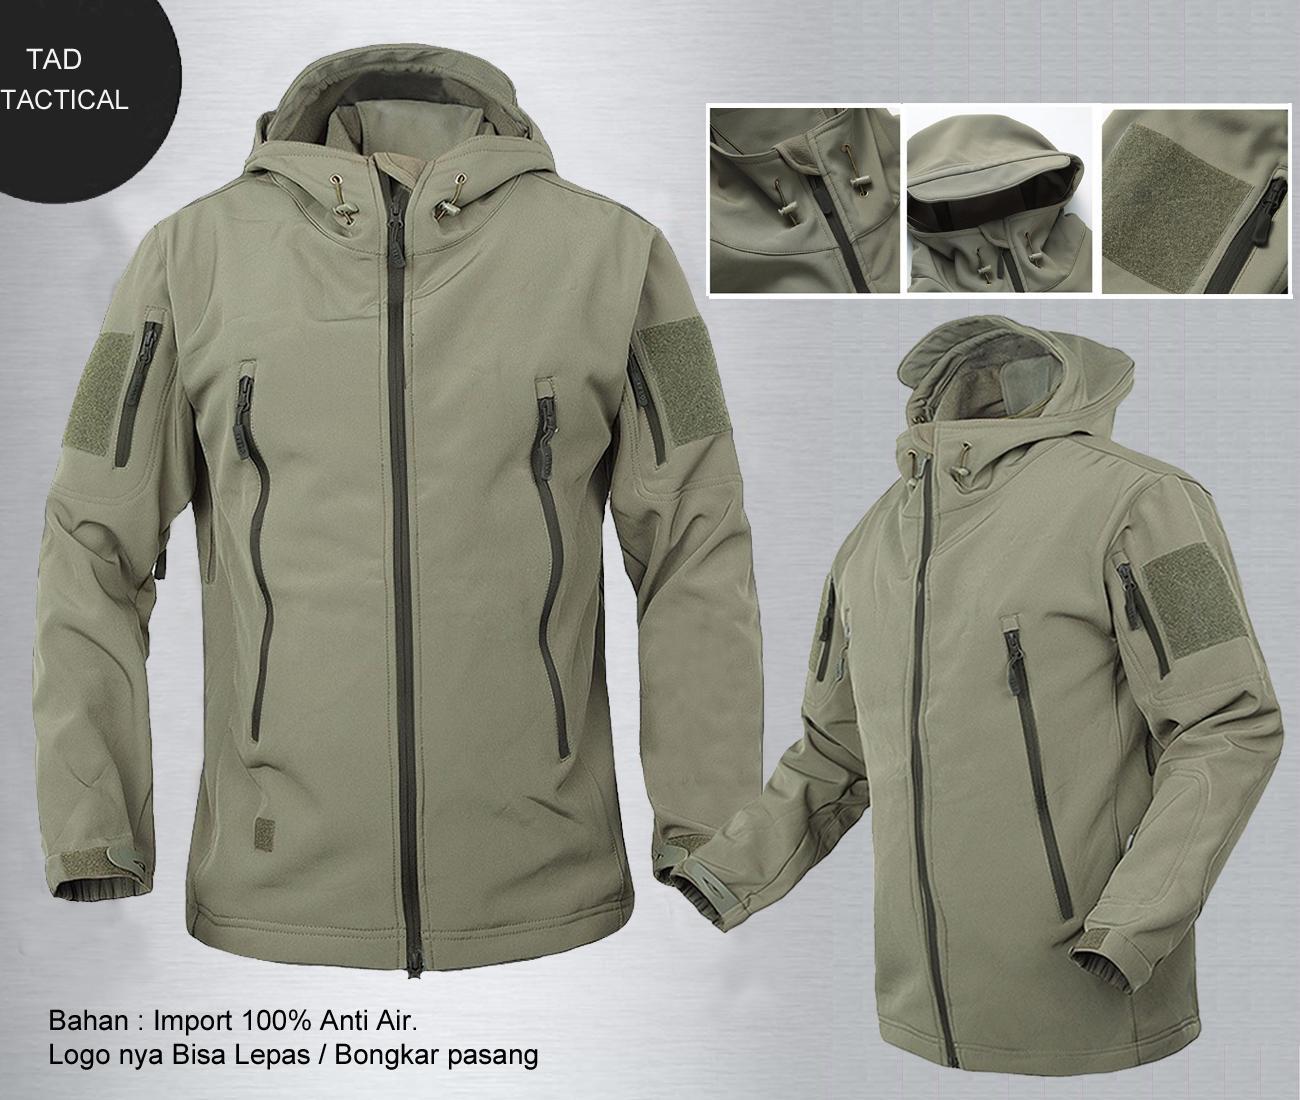 Jaket Bravo Tactical Tad Bahan Import Tersedia Dua Warna Water Proof, Tahan Angin dan Air, Logo Bisa Lepas Pasang, Cocok Bagi yang Suka Jaket Ala-ala Militer